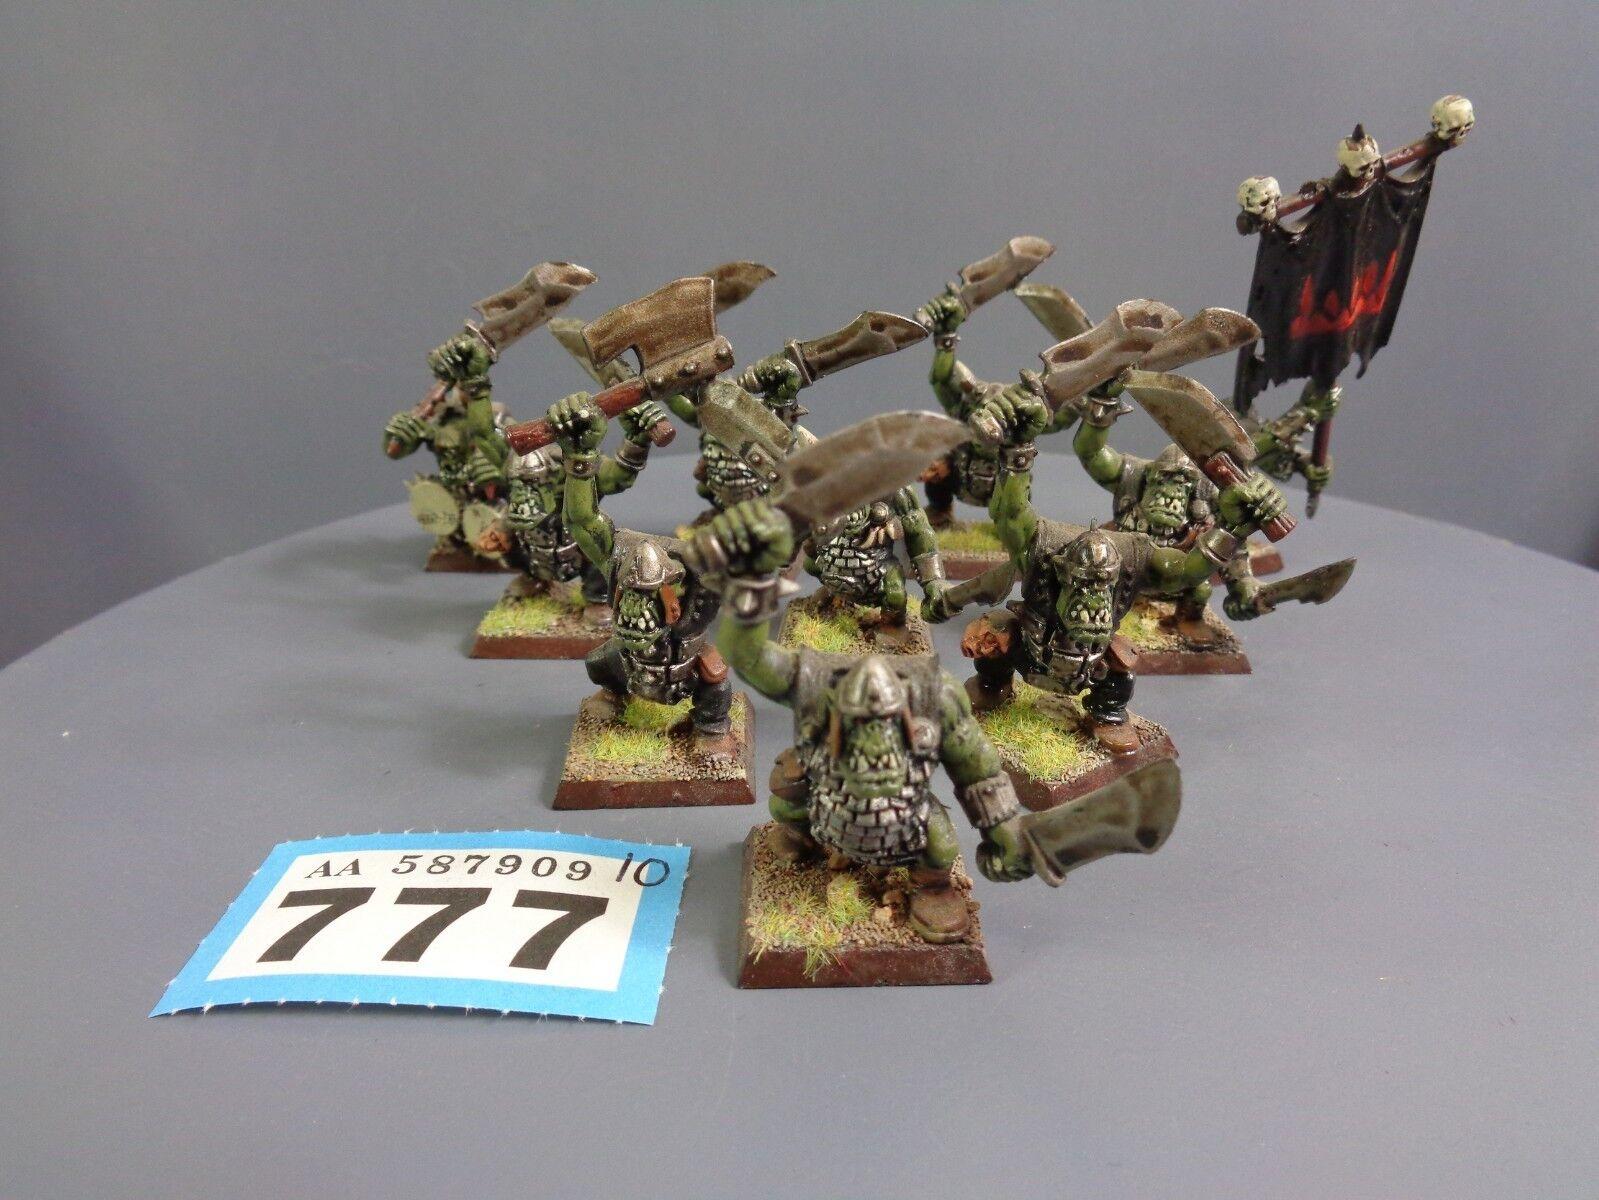 Warhammer Age of Sigmar Orruks Orcs Goblins Boys Mob 777